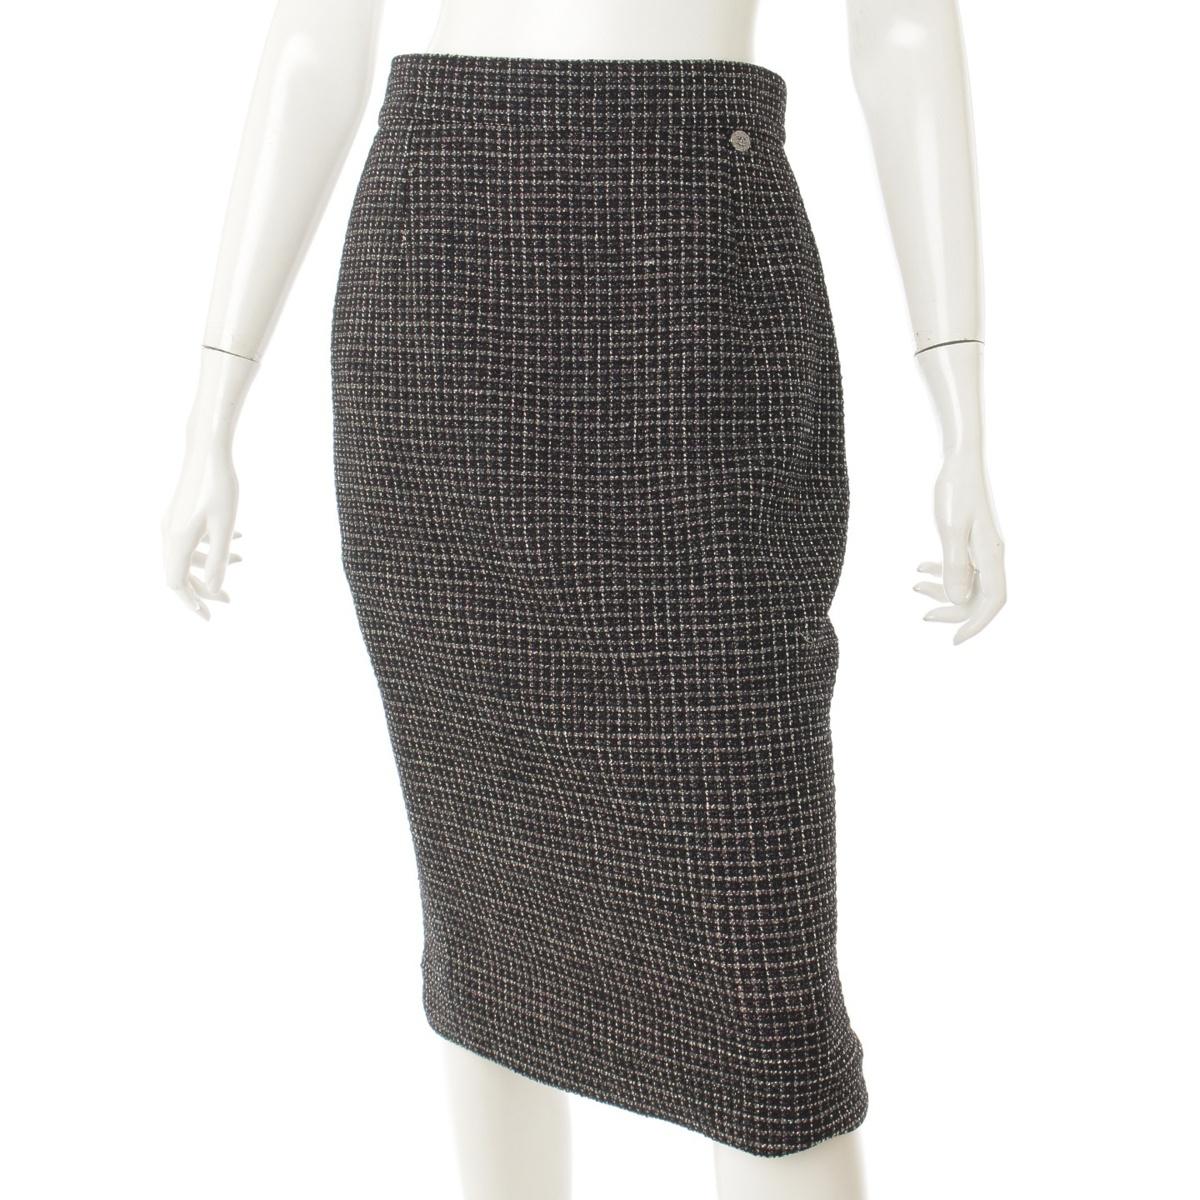 【シャネル】Chanel 12P ラメツイード スカート P43052 ブラック 40 【中古】【鑑定済・正規品保証】67762